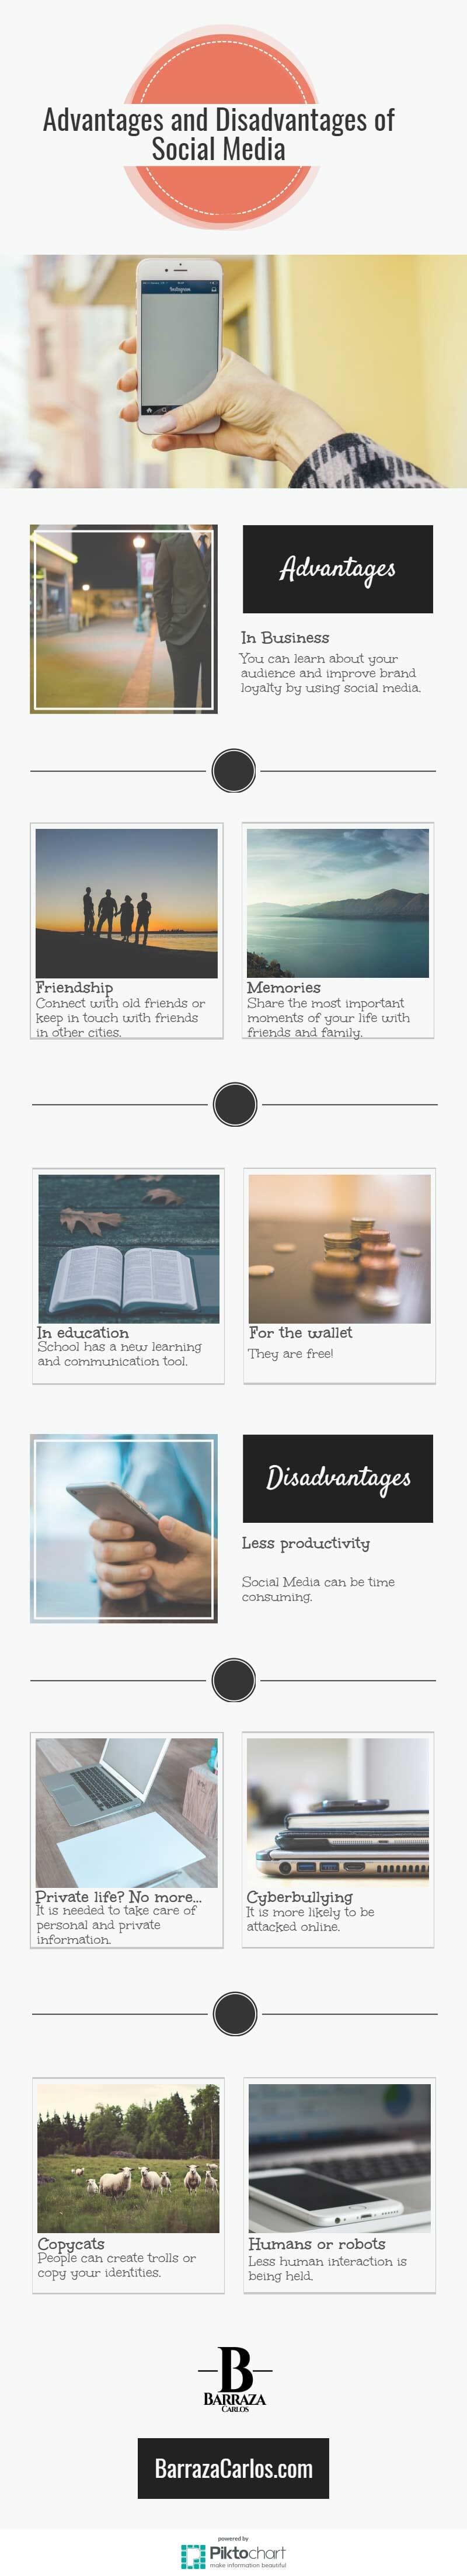 advantages-and-disadvantages-social-media